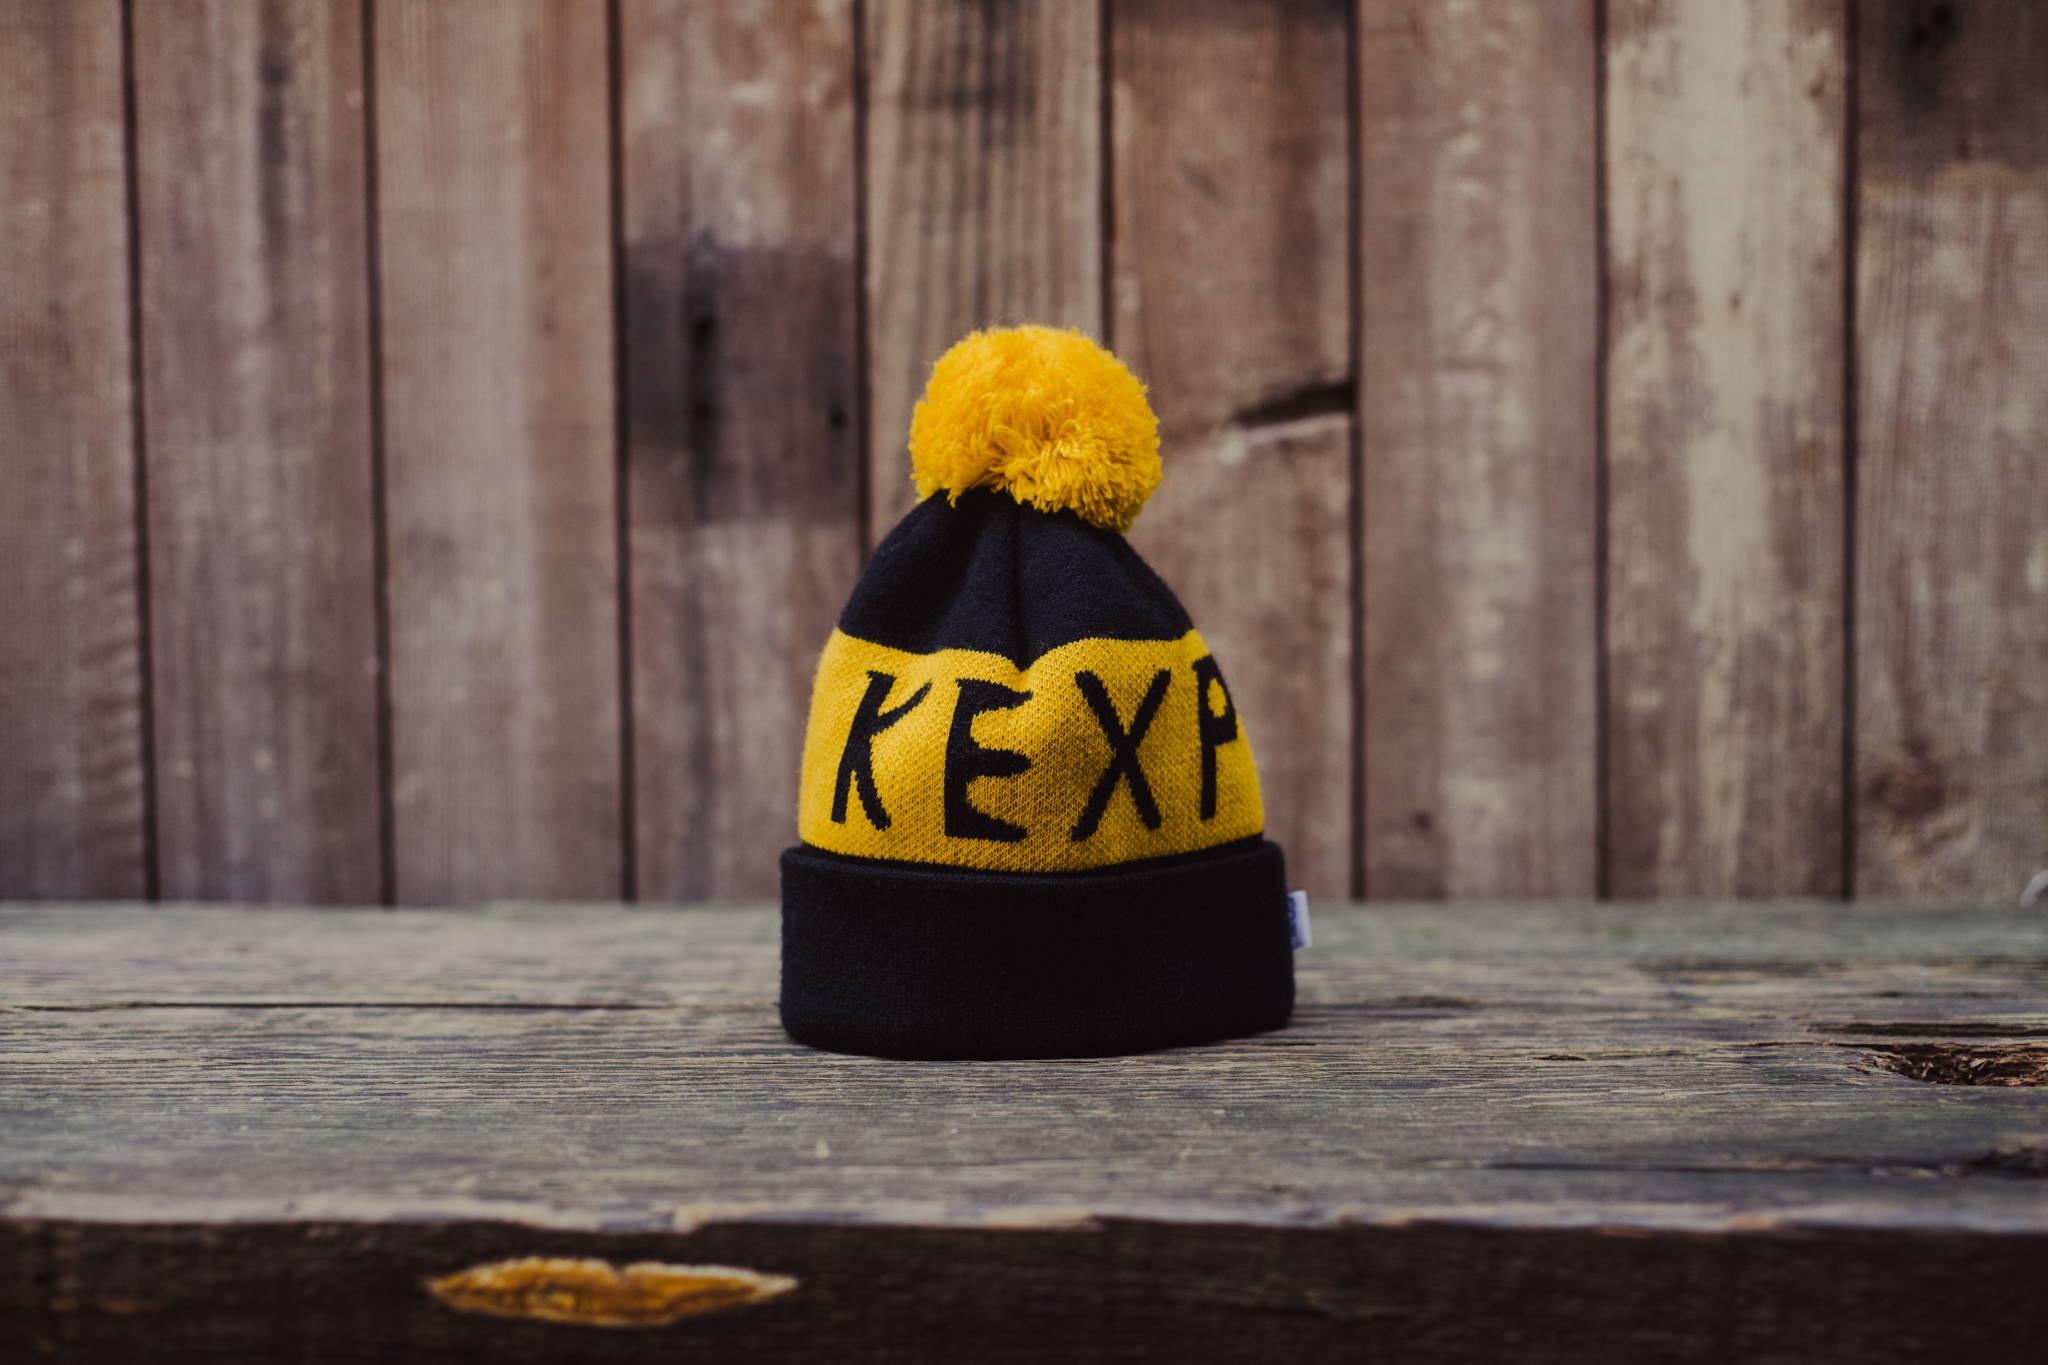 KEXP Custom Pom Pom Beanie